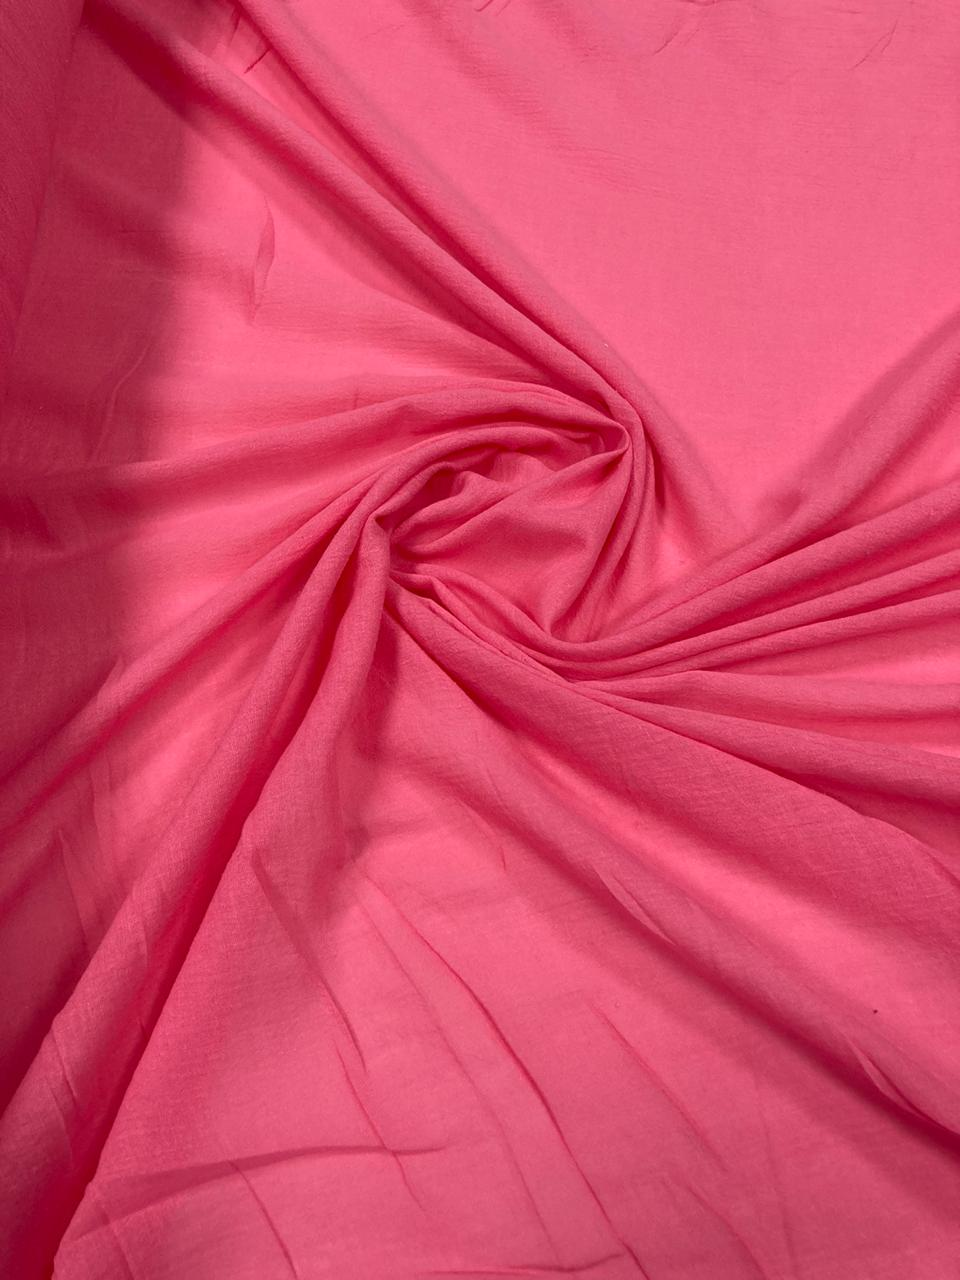 Crepe Gauze Rosa Chiclete